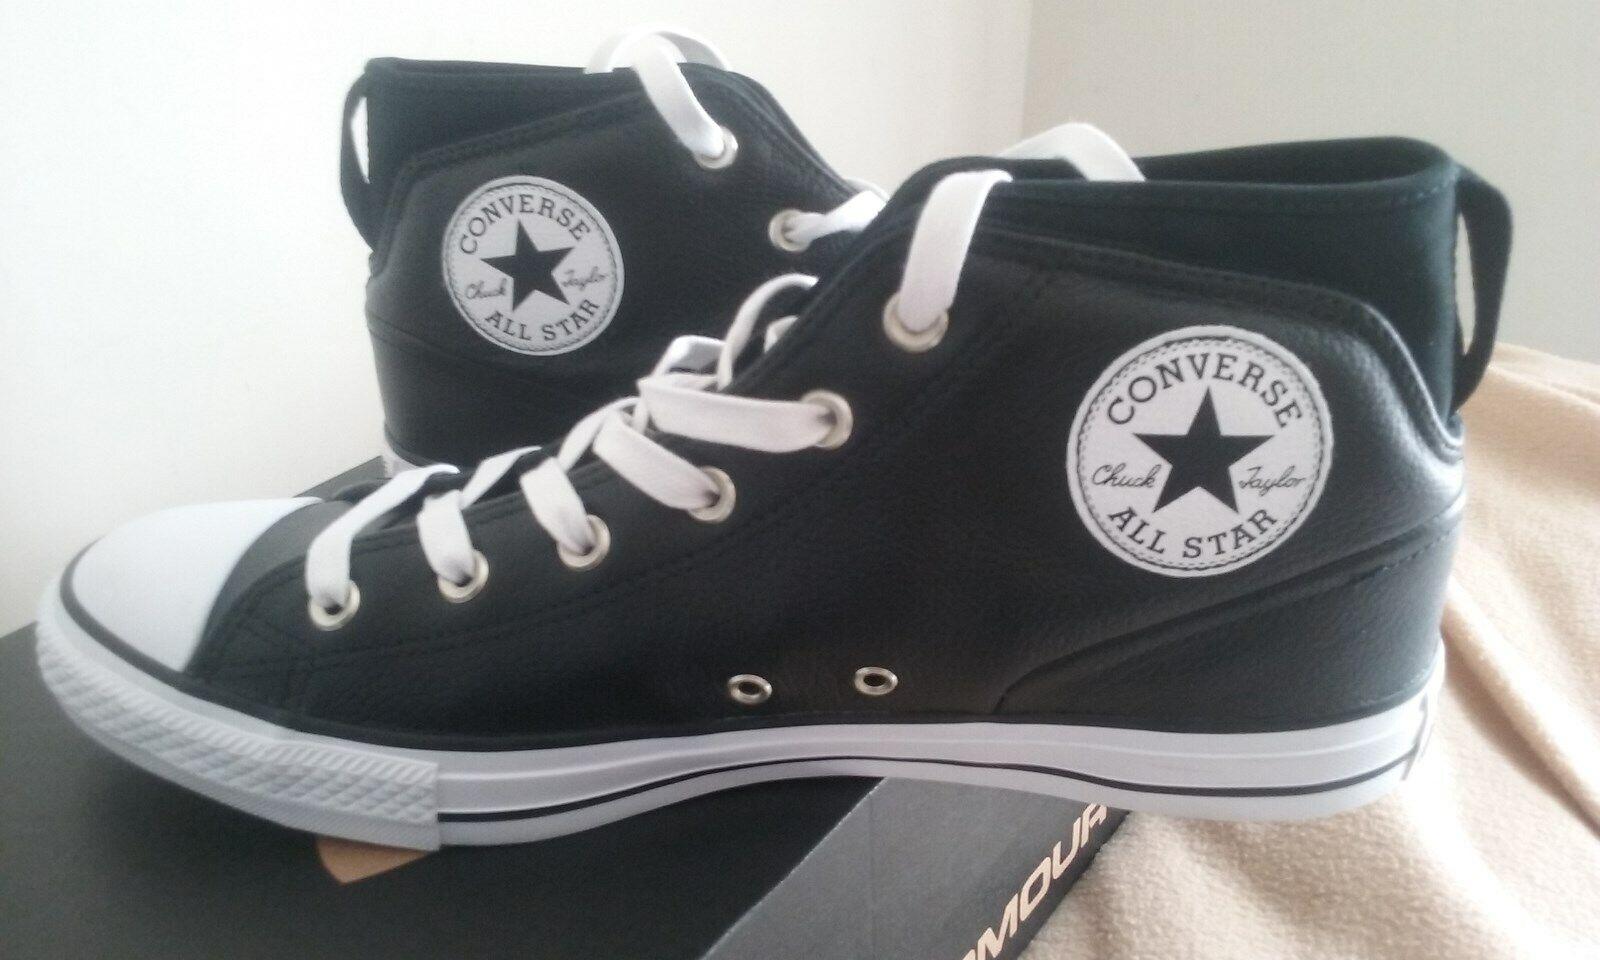 (NOUVEAU) CONVERSE ALL STARS noir en cuir se faufile, grande Chaussures    Taille 11 fabricants Standard prix de détail 145.00